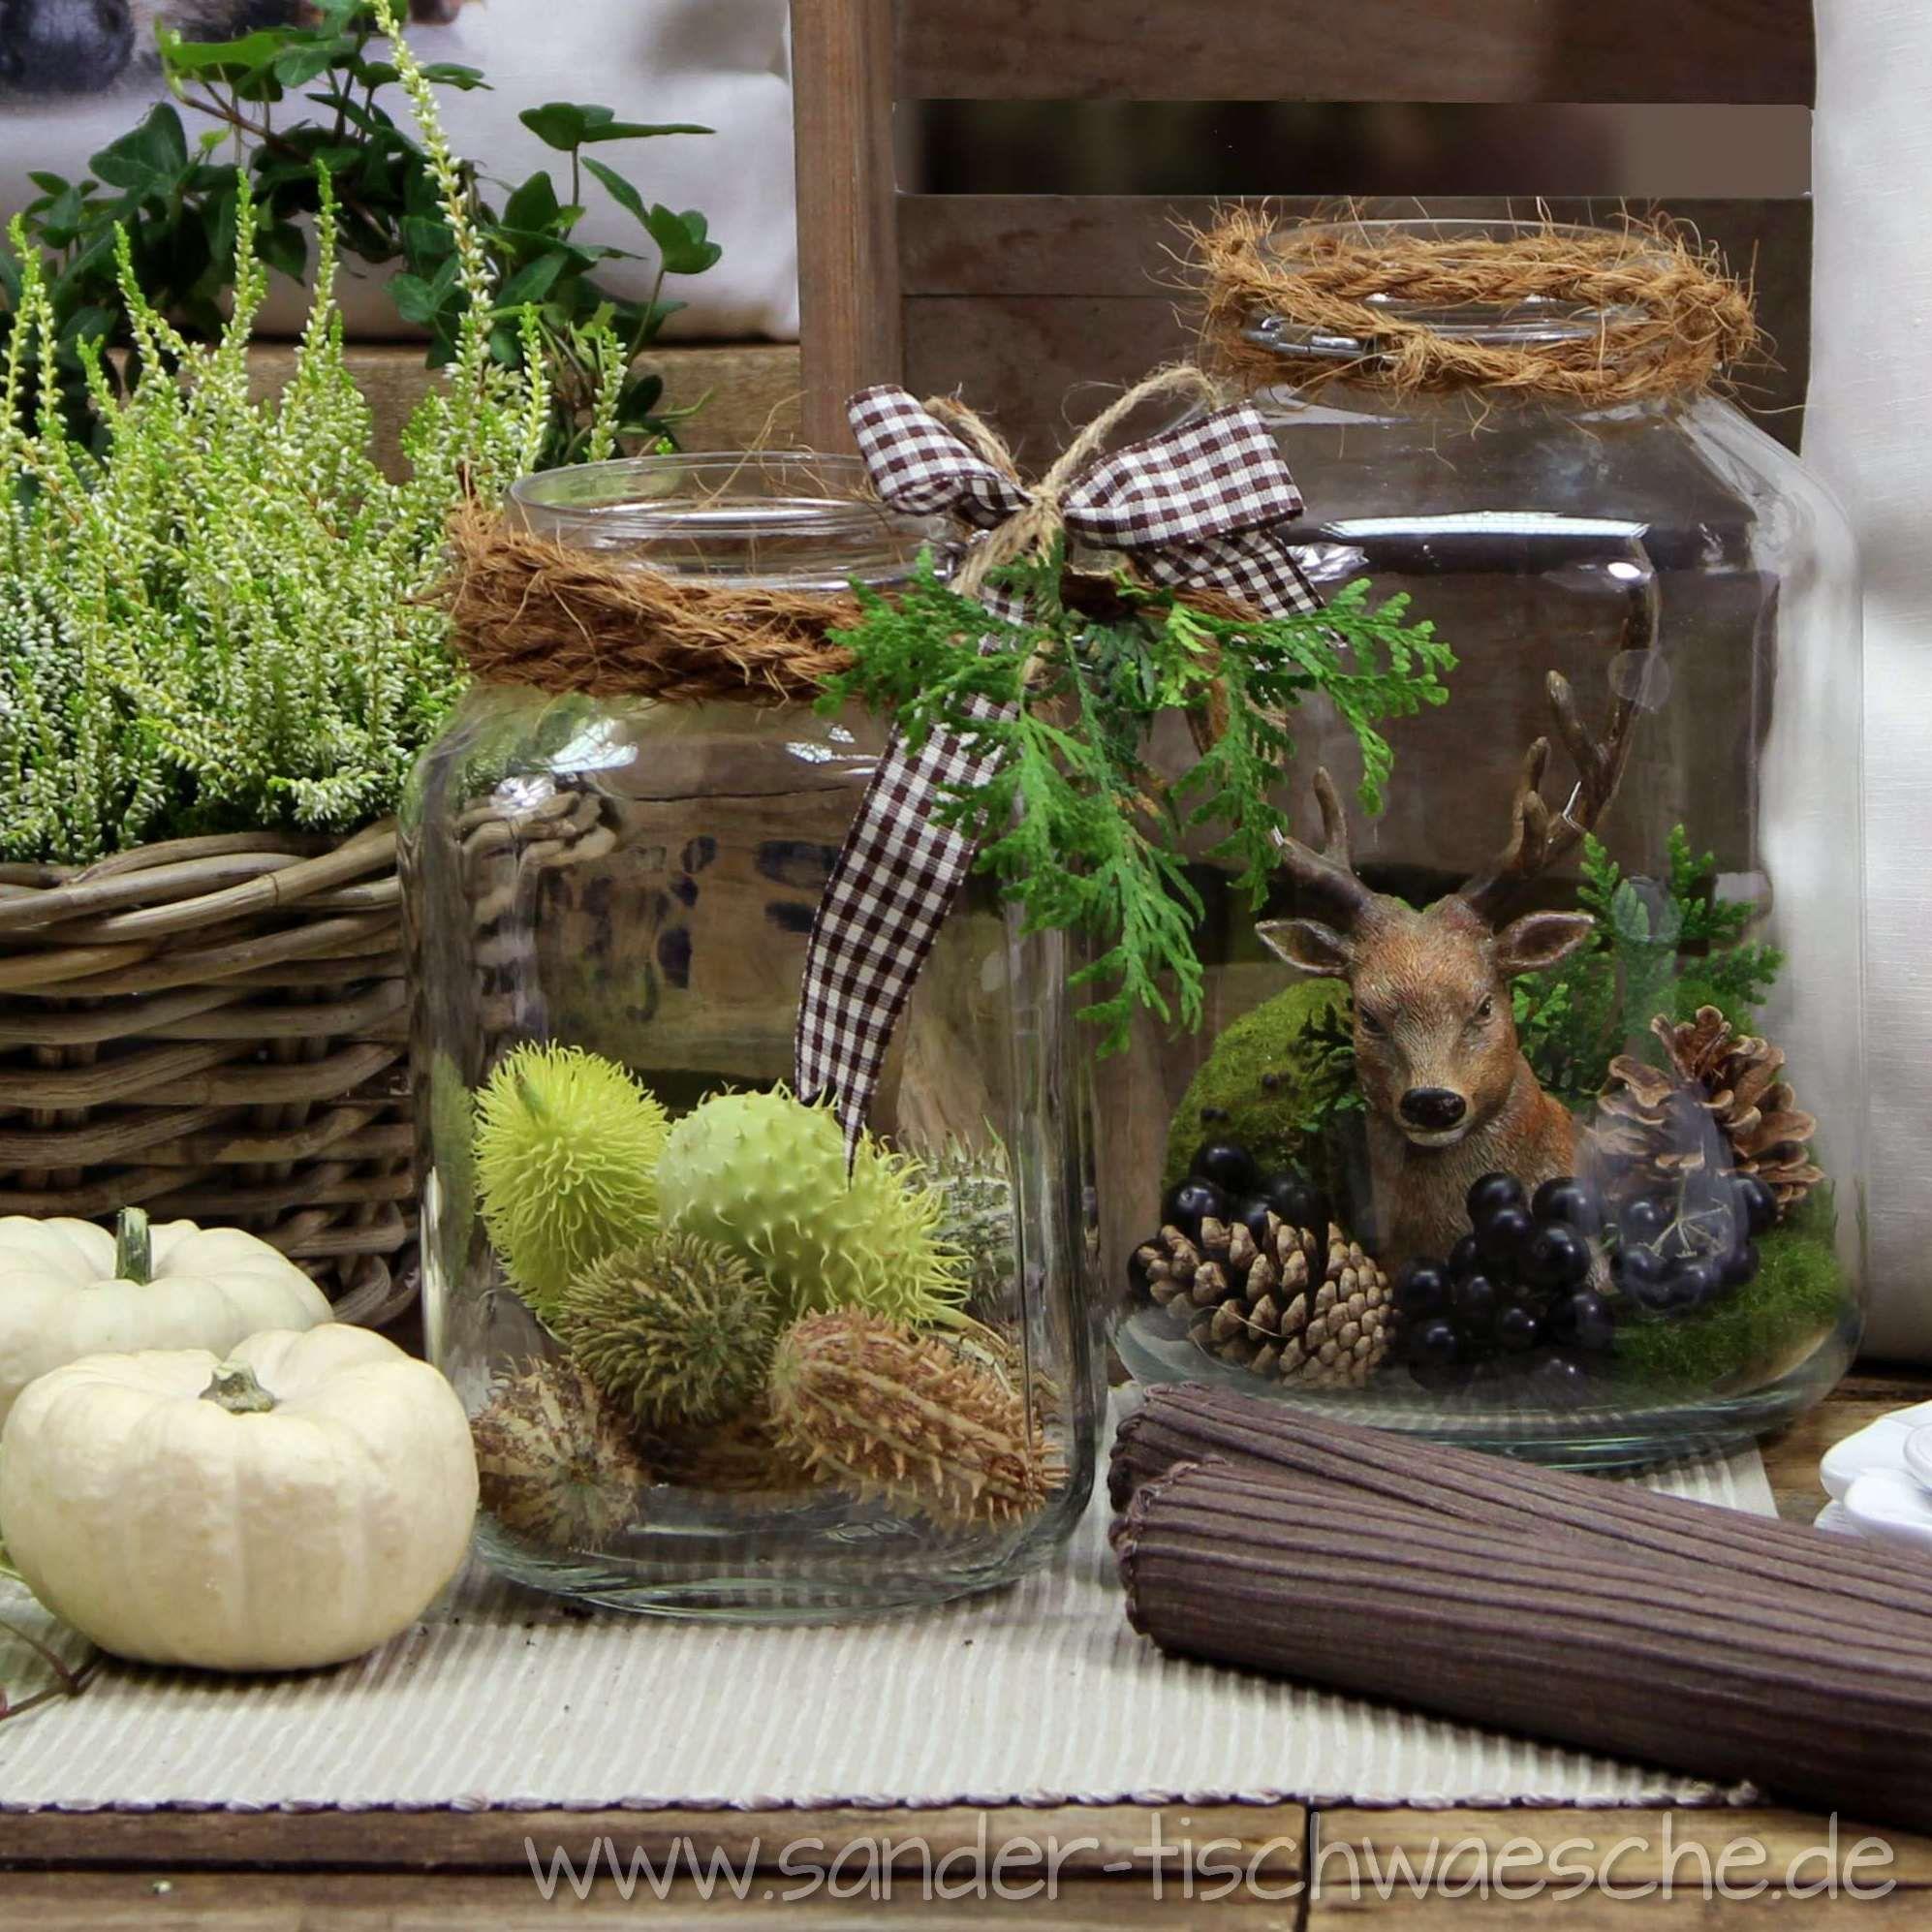 herbstlich dekorierte weckgl ser tischsets zu bestellen bei sander deko. Black Bedroom Furniture Sets. Home Design Ideas